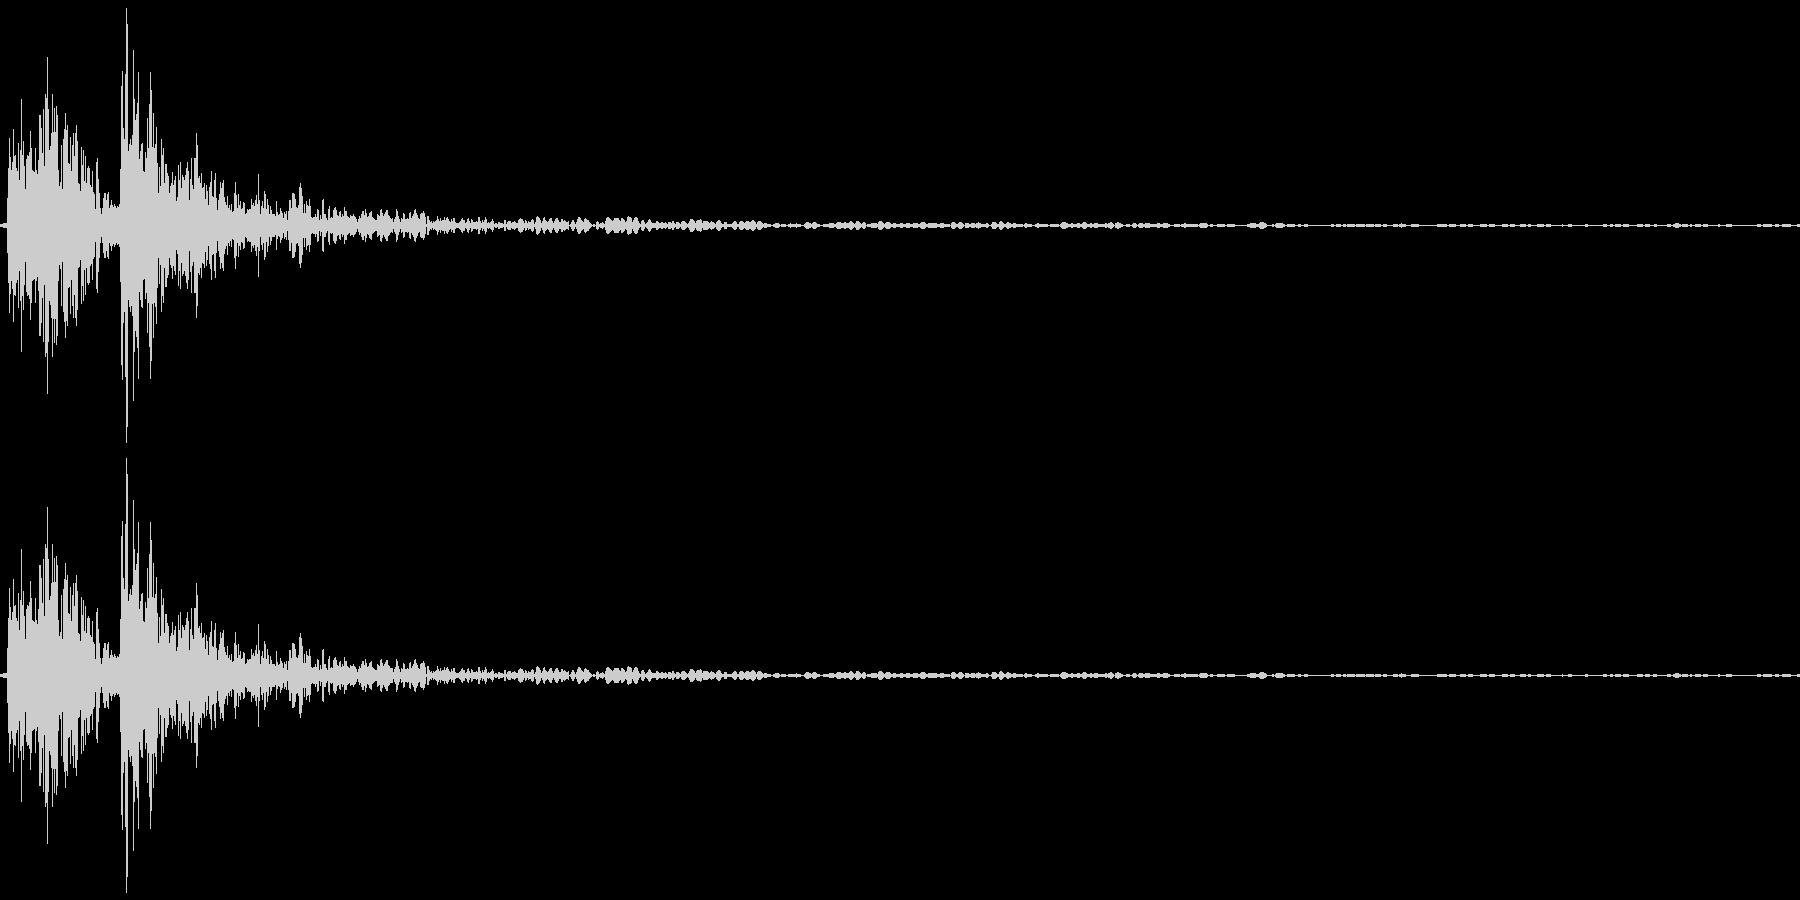 キャンセル音(カッボン)の未再生の波形